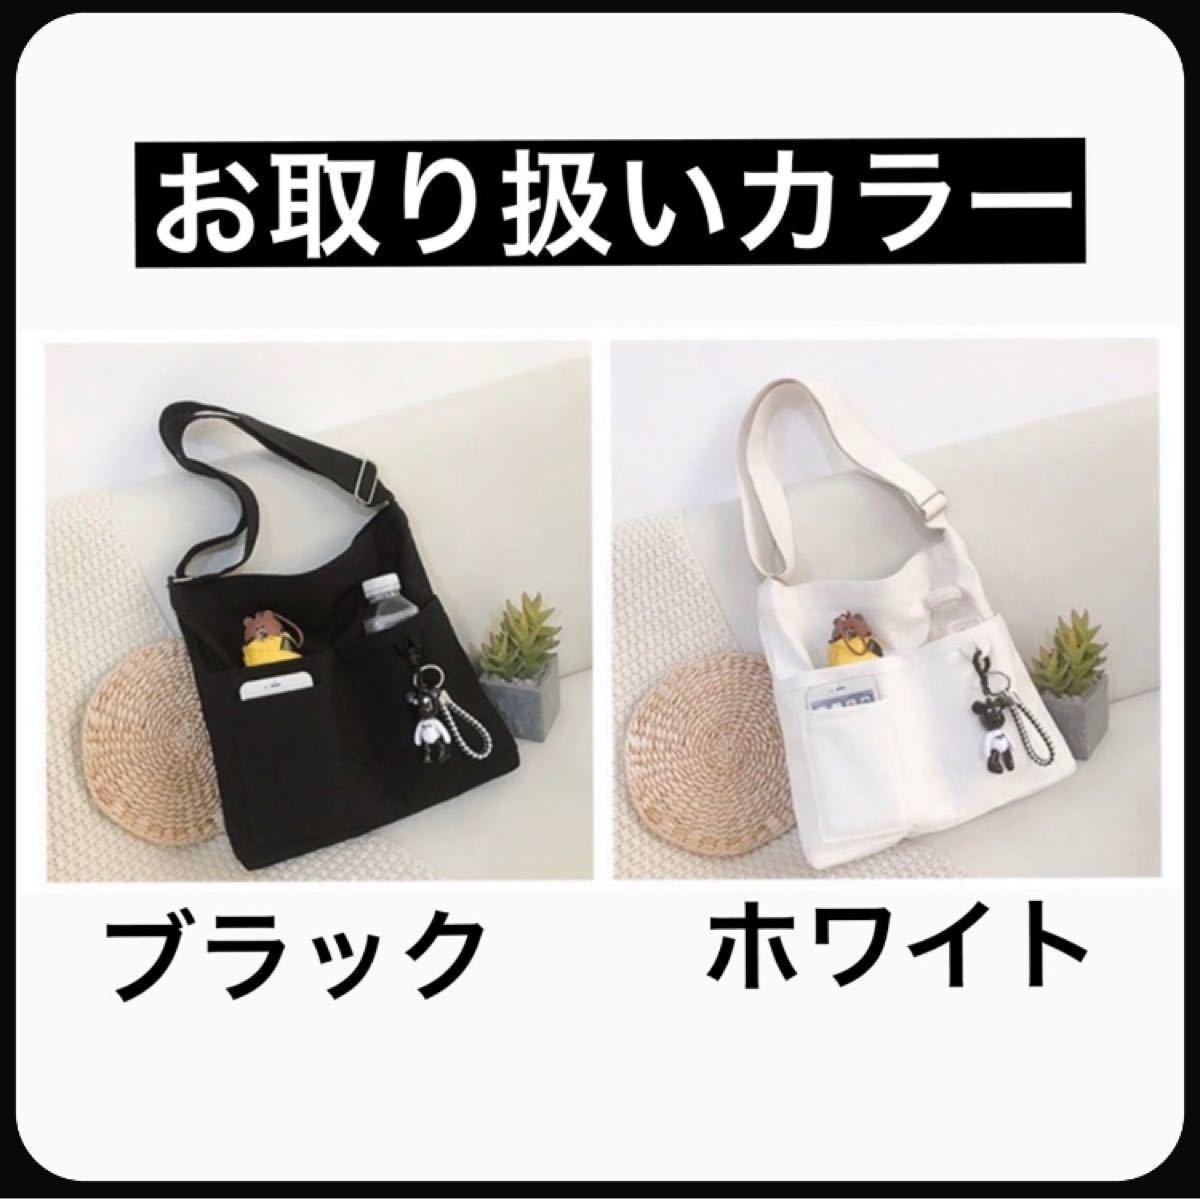 ショルダーバッグ キャンパスバッグ エコバッグ 帆布トートバッグ マザーズバッグ ブラック 韓国ファッション 新品未使用